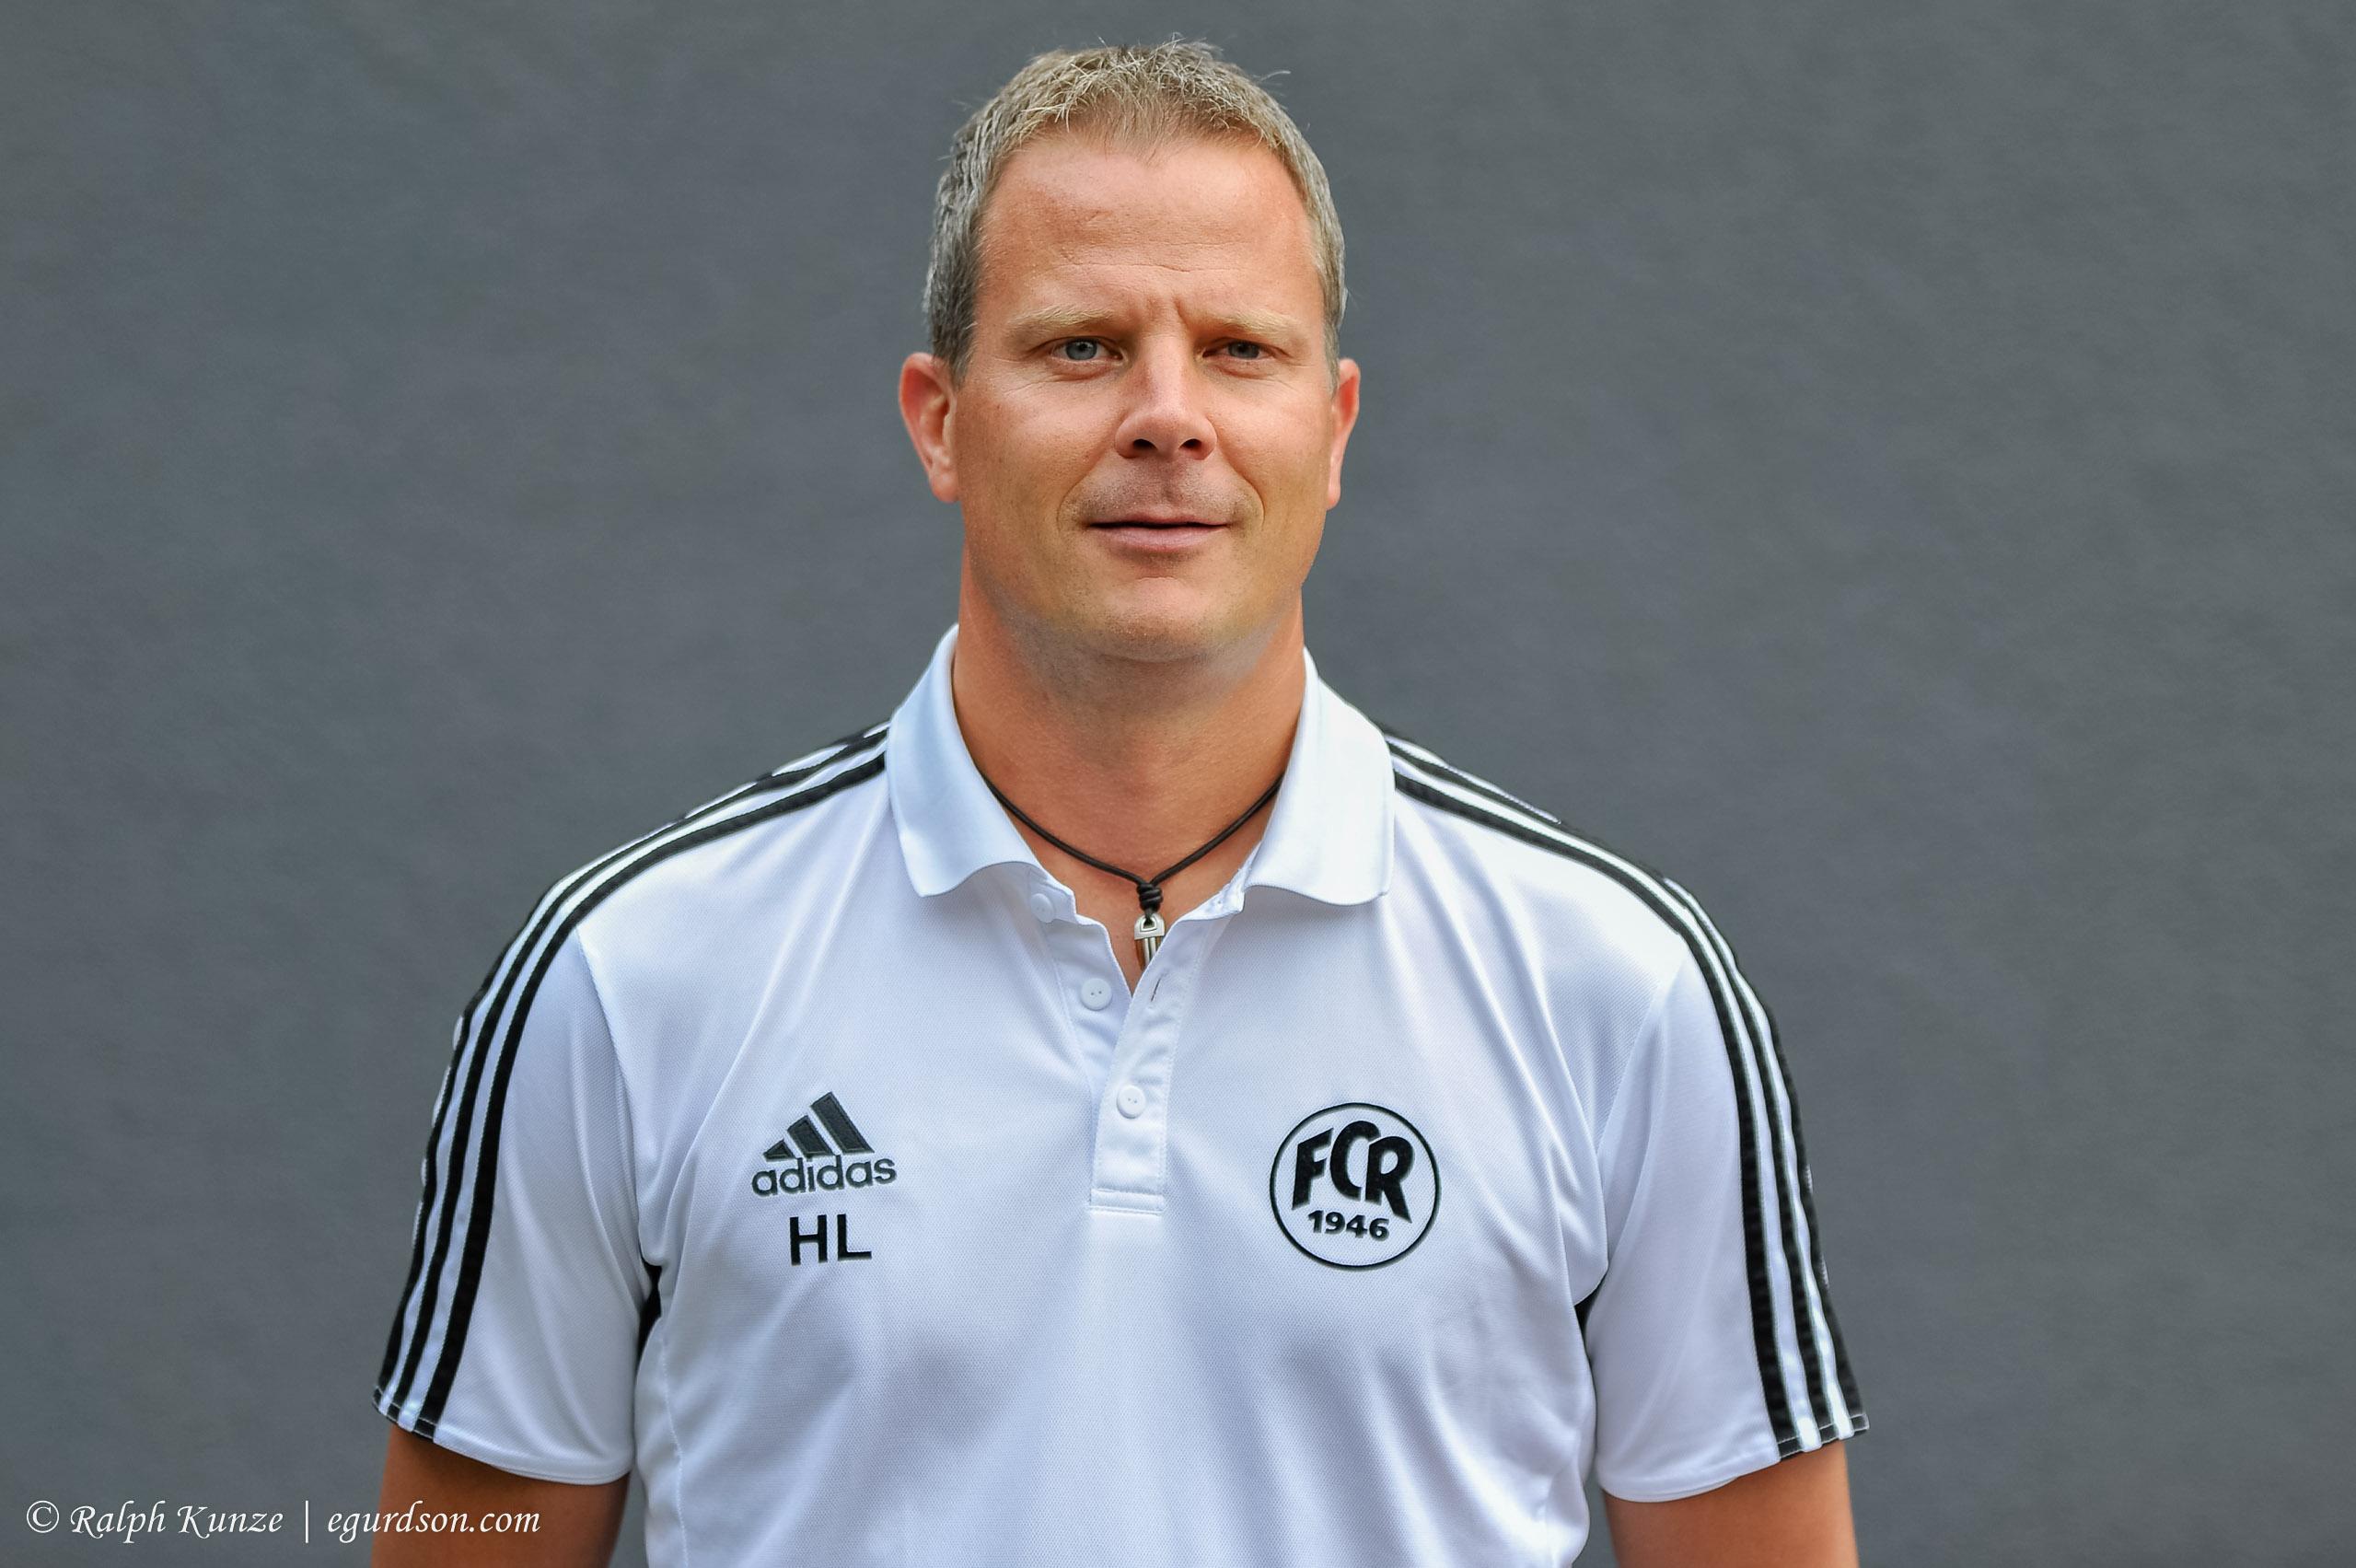 Holger Liedtke